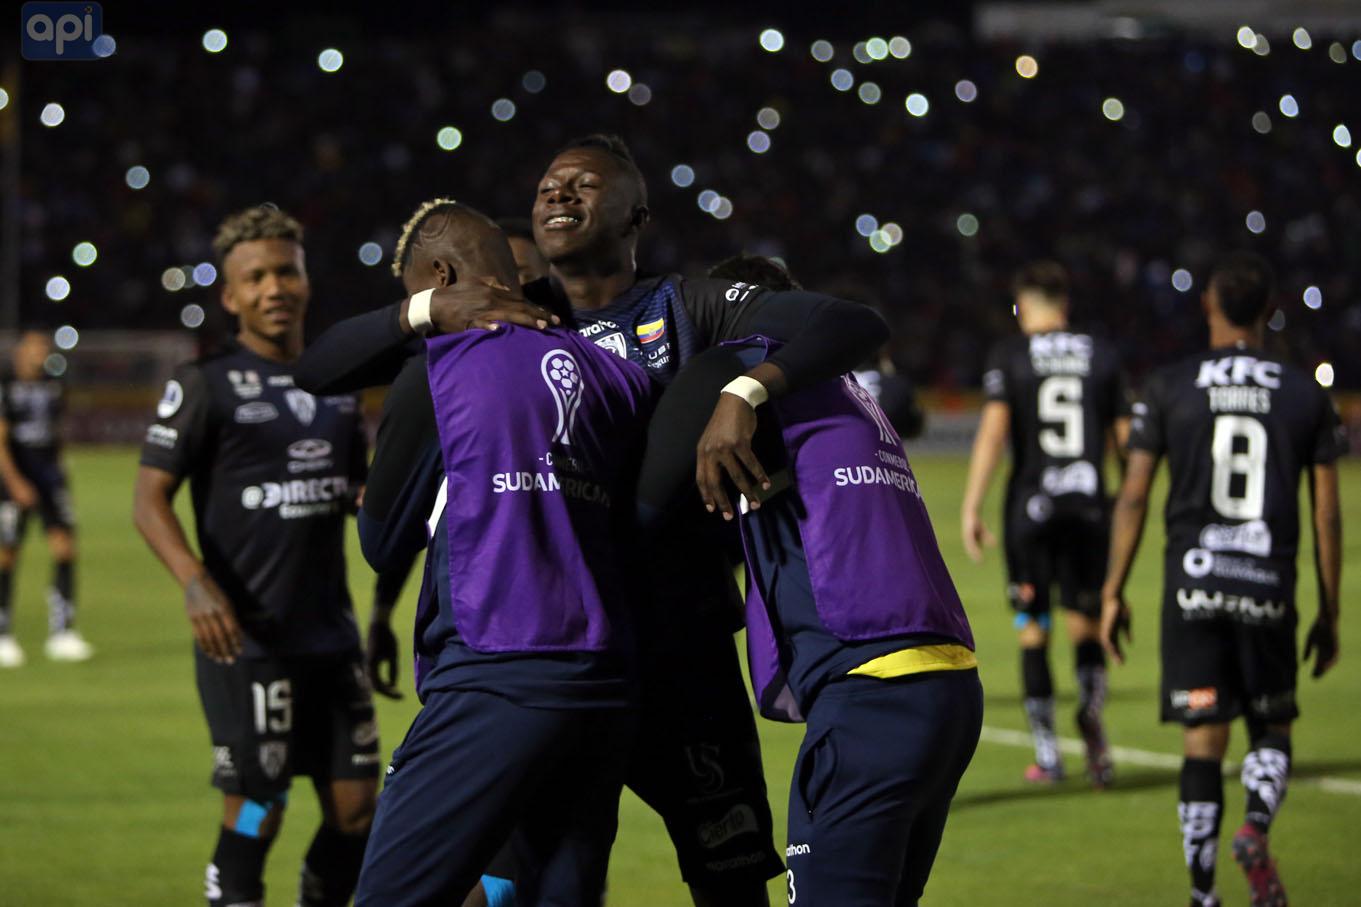 Los ecuatorianos parten de la experiencia de haber disputado ya una final continental, la Libertadores de 2016